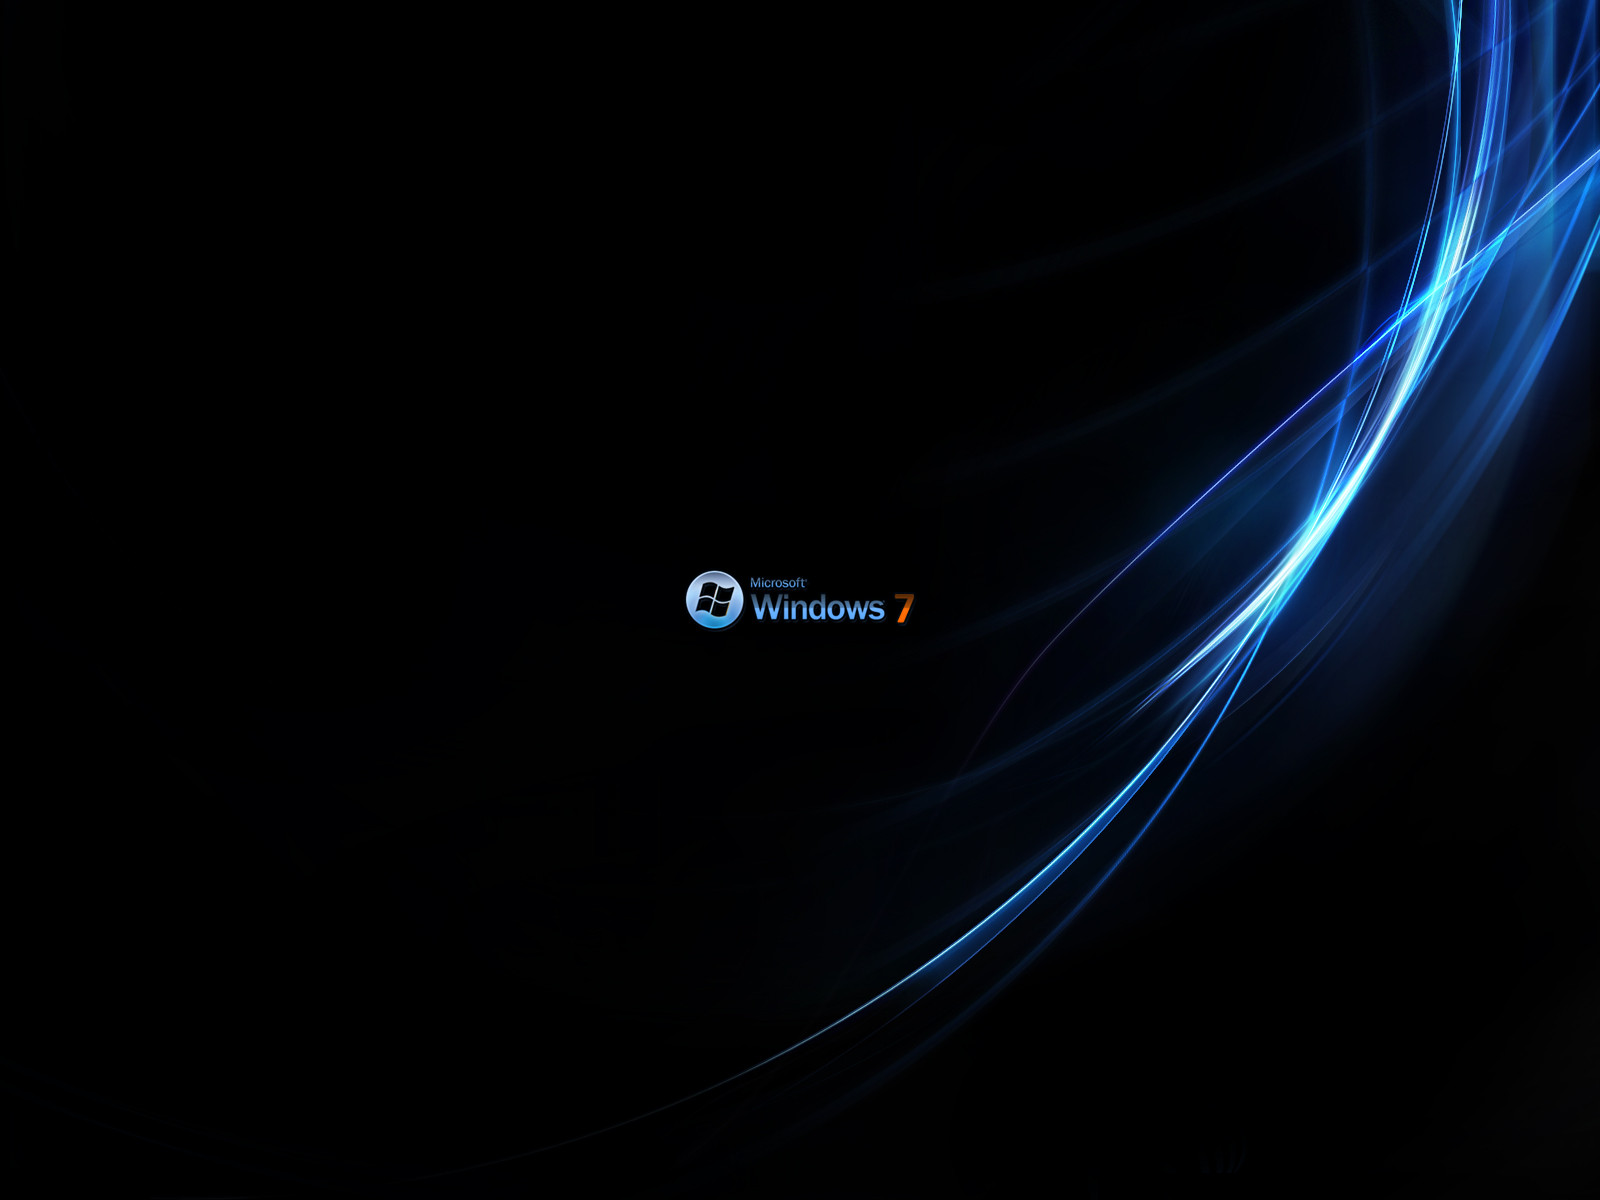 http://3.bp.blogspot.com/-AmsuRzNrXqk/T3BIlBwc_JI/AAAAAAAAARY/CAVelZl6VvQ/s1600/windows+7+wallpaper.jpg